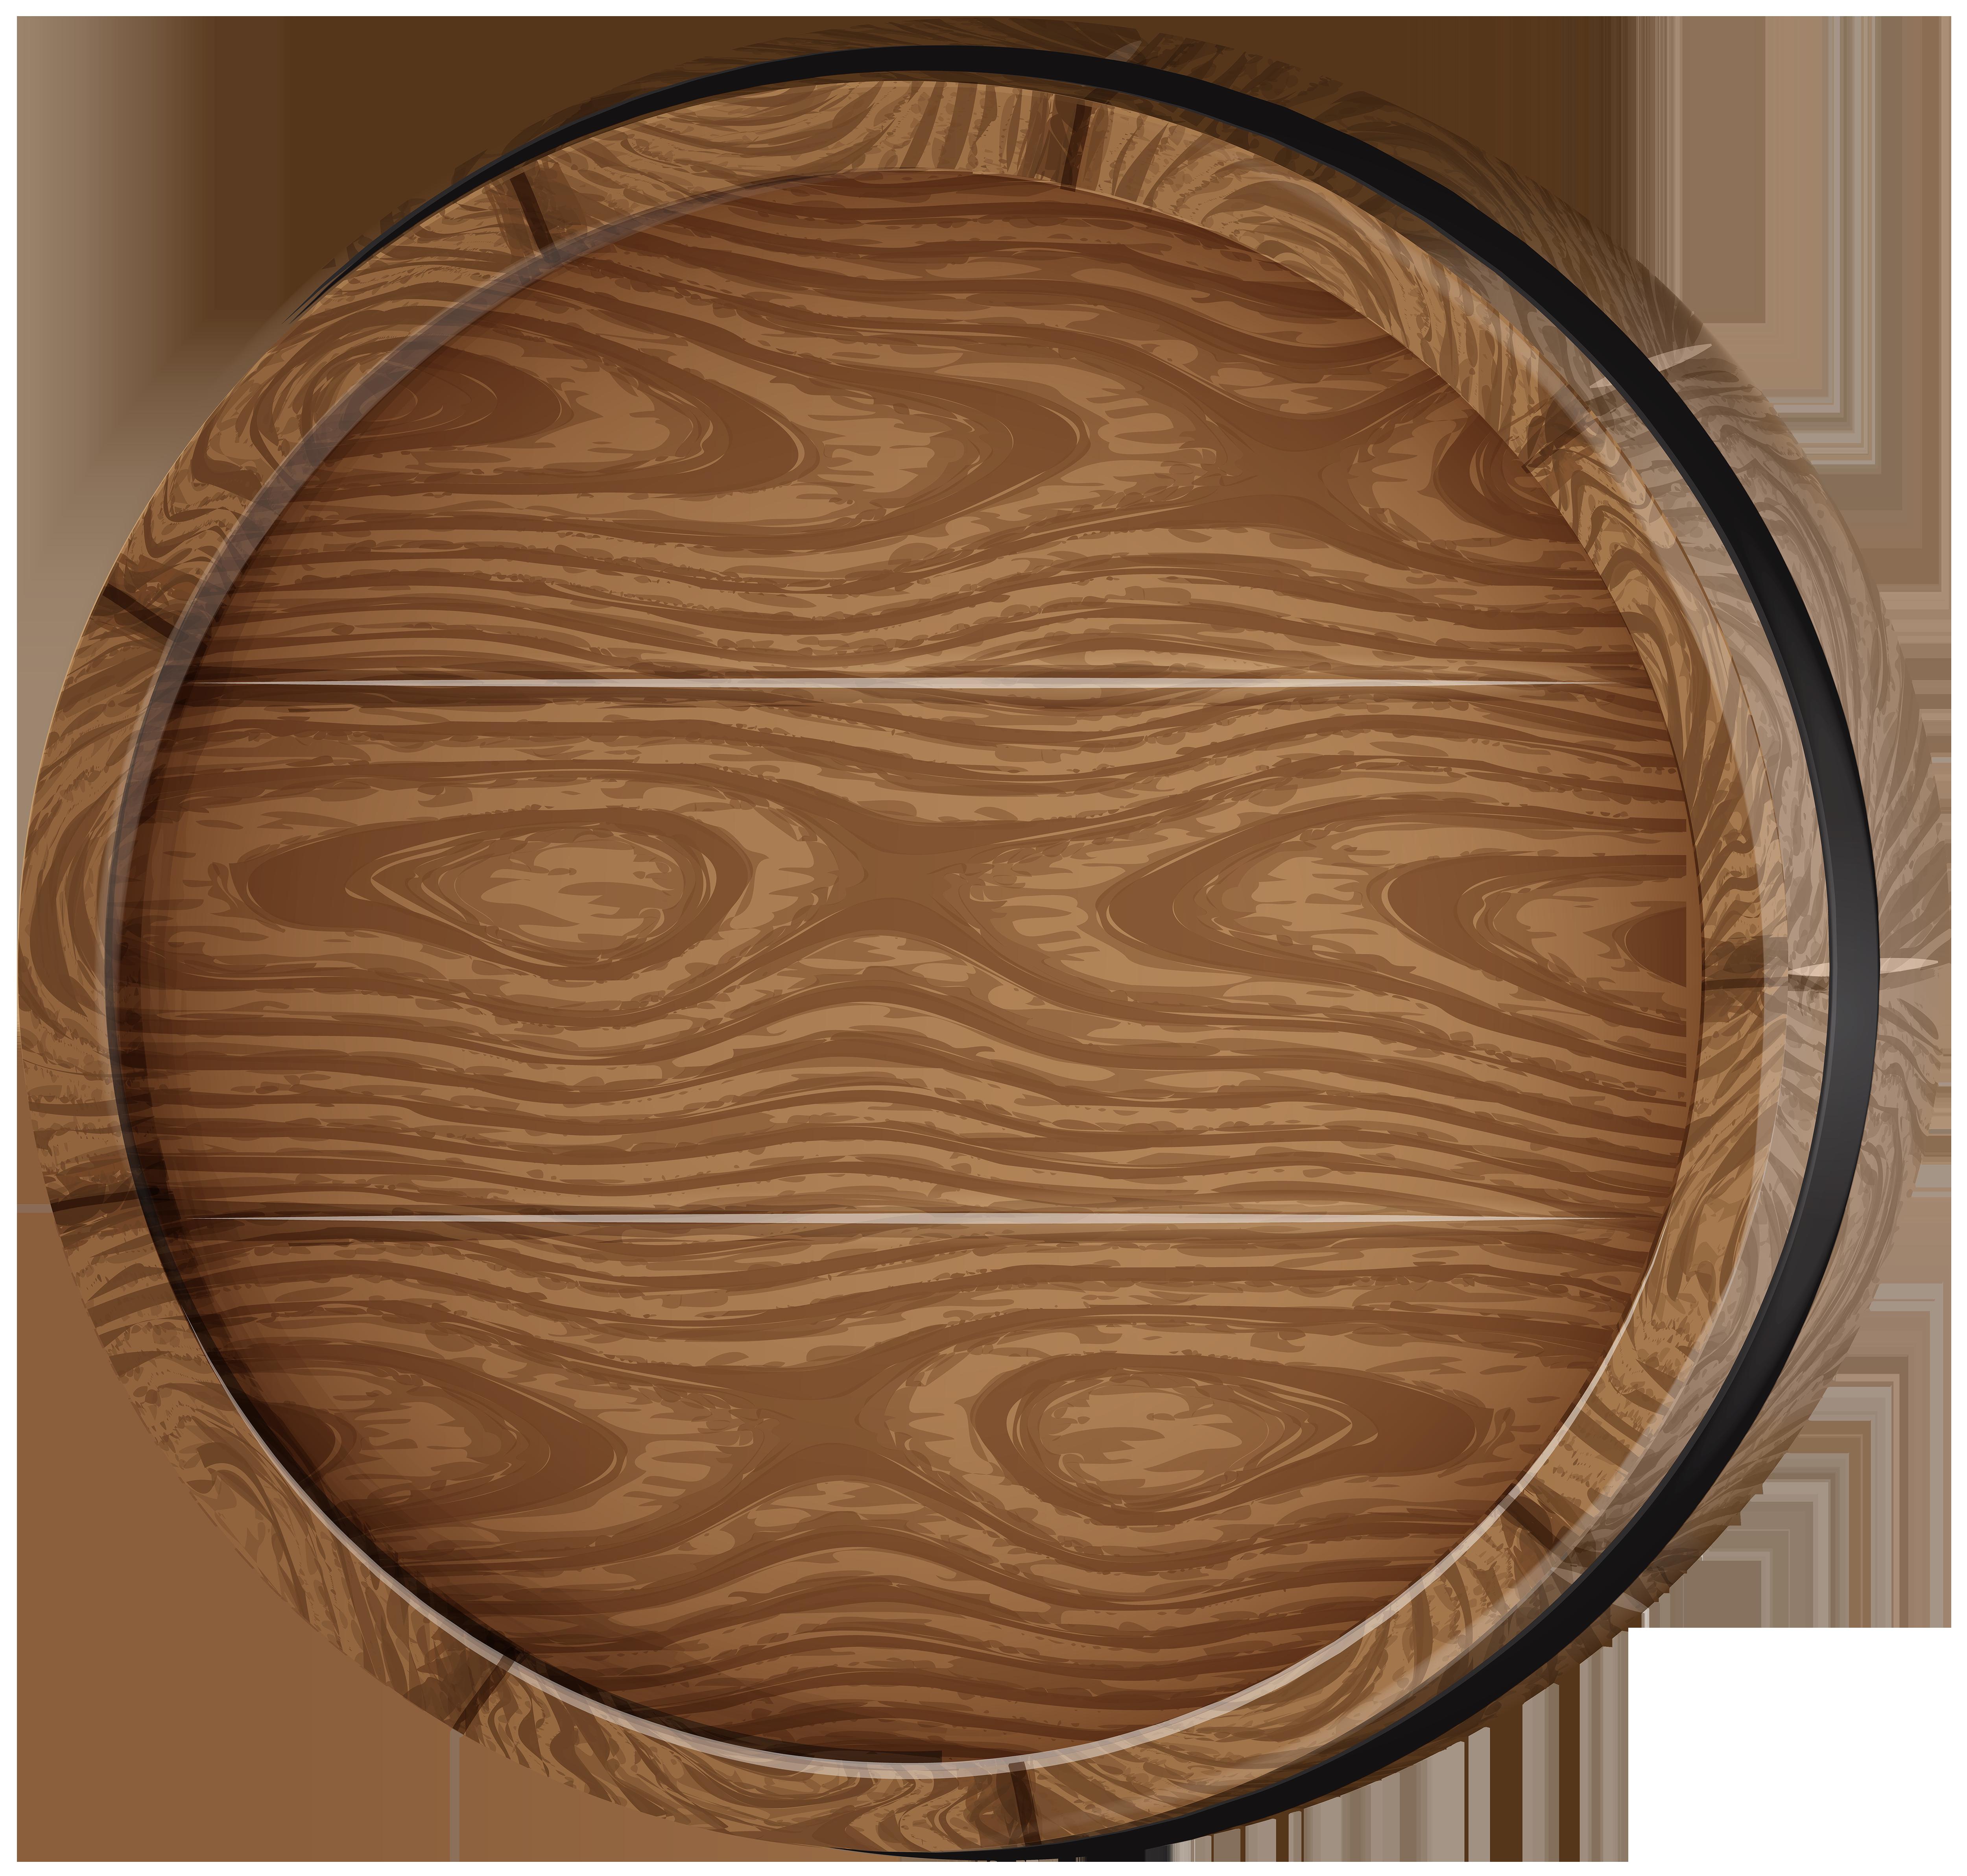 Wooden Barrel PNG Clip Art Image.